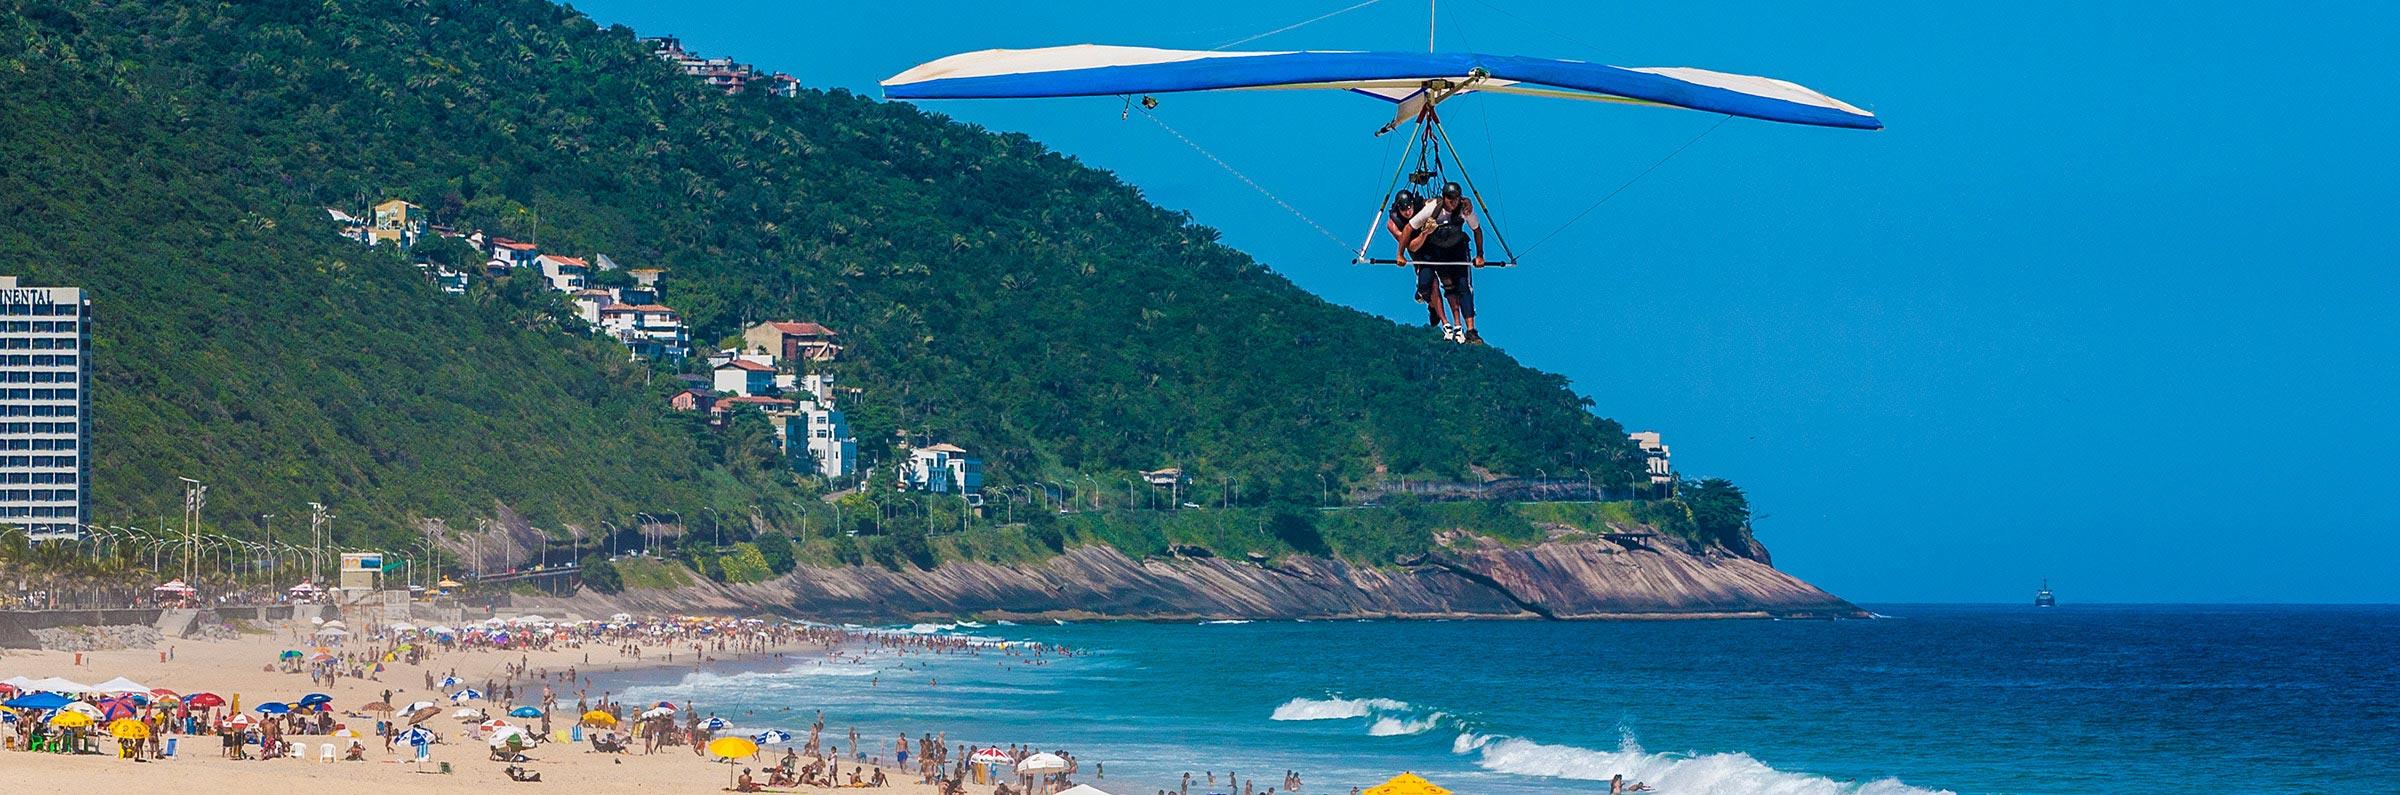 Unique to Rio in Rio